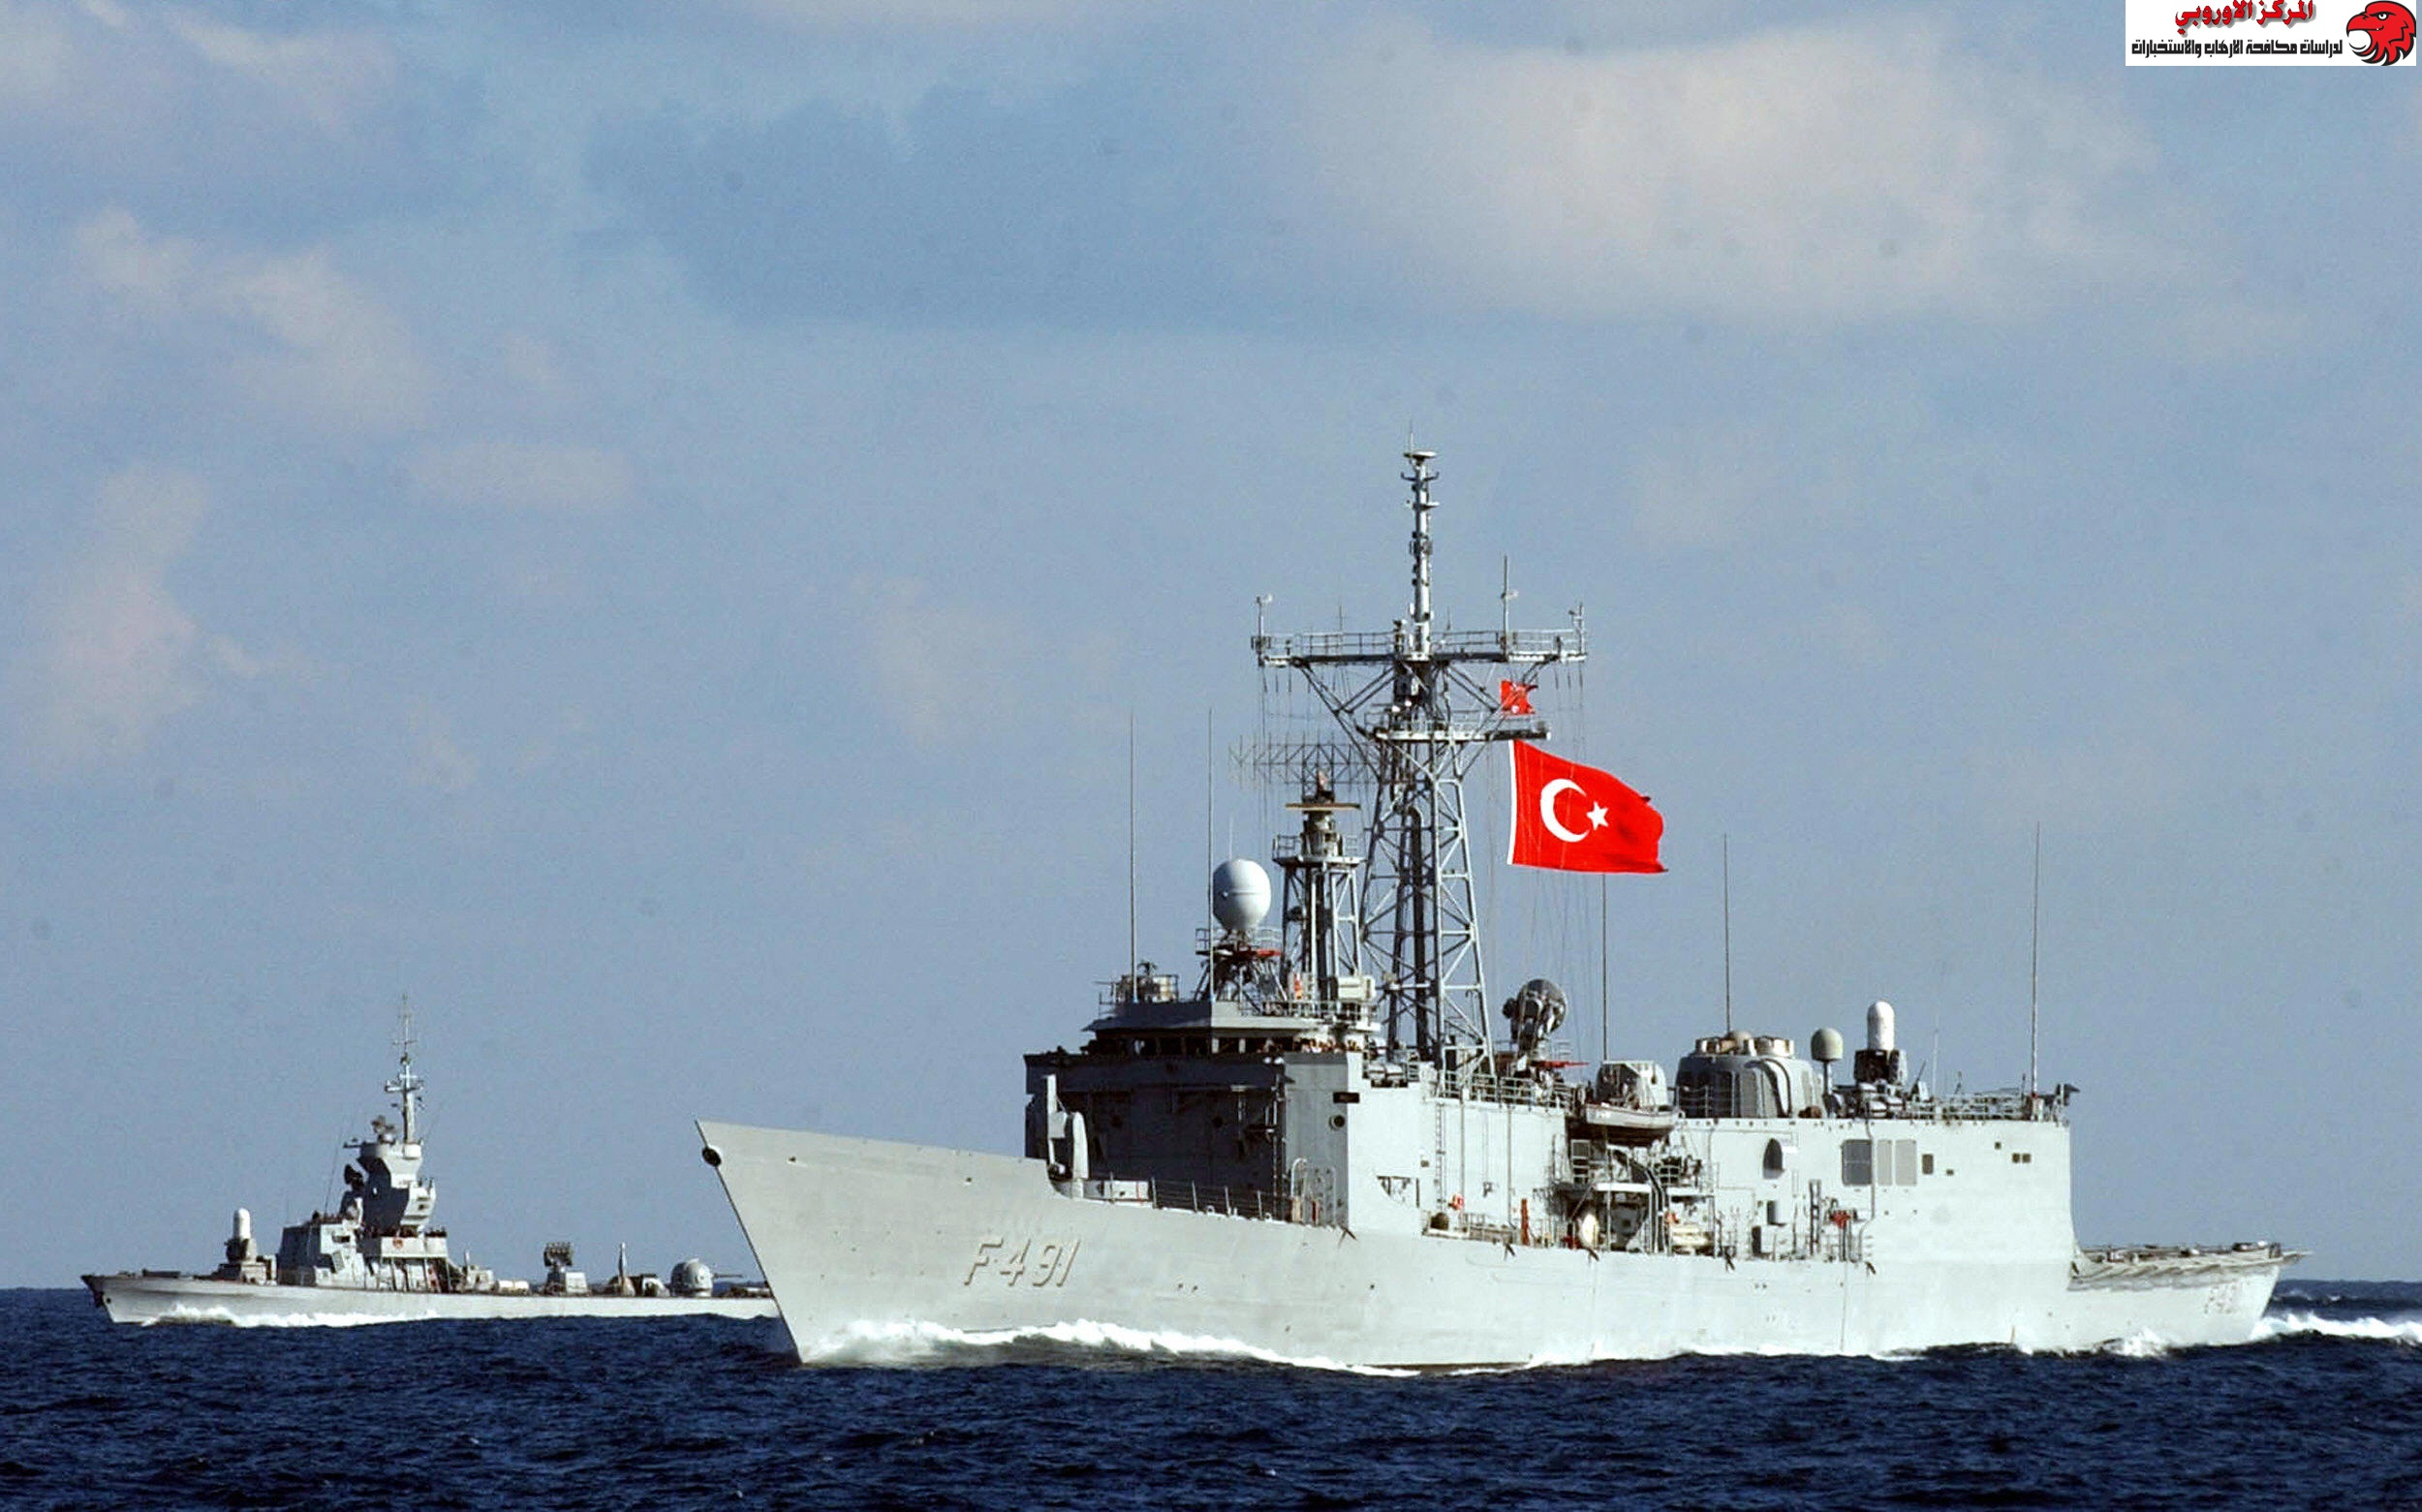 أسباب إشتداد حدة التوتر بين تركيا و الأتحاد الأوروبى